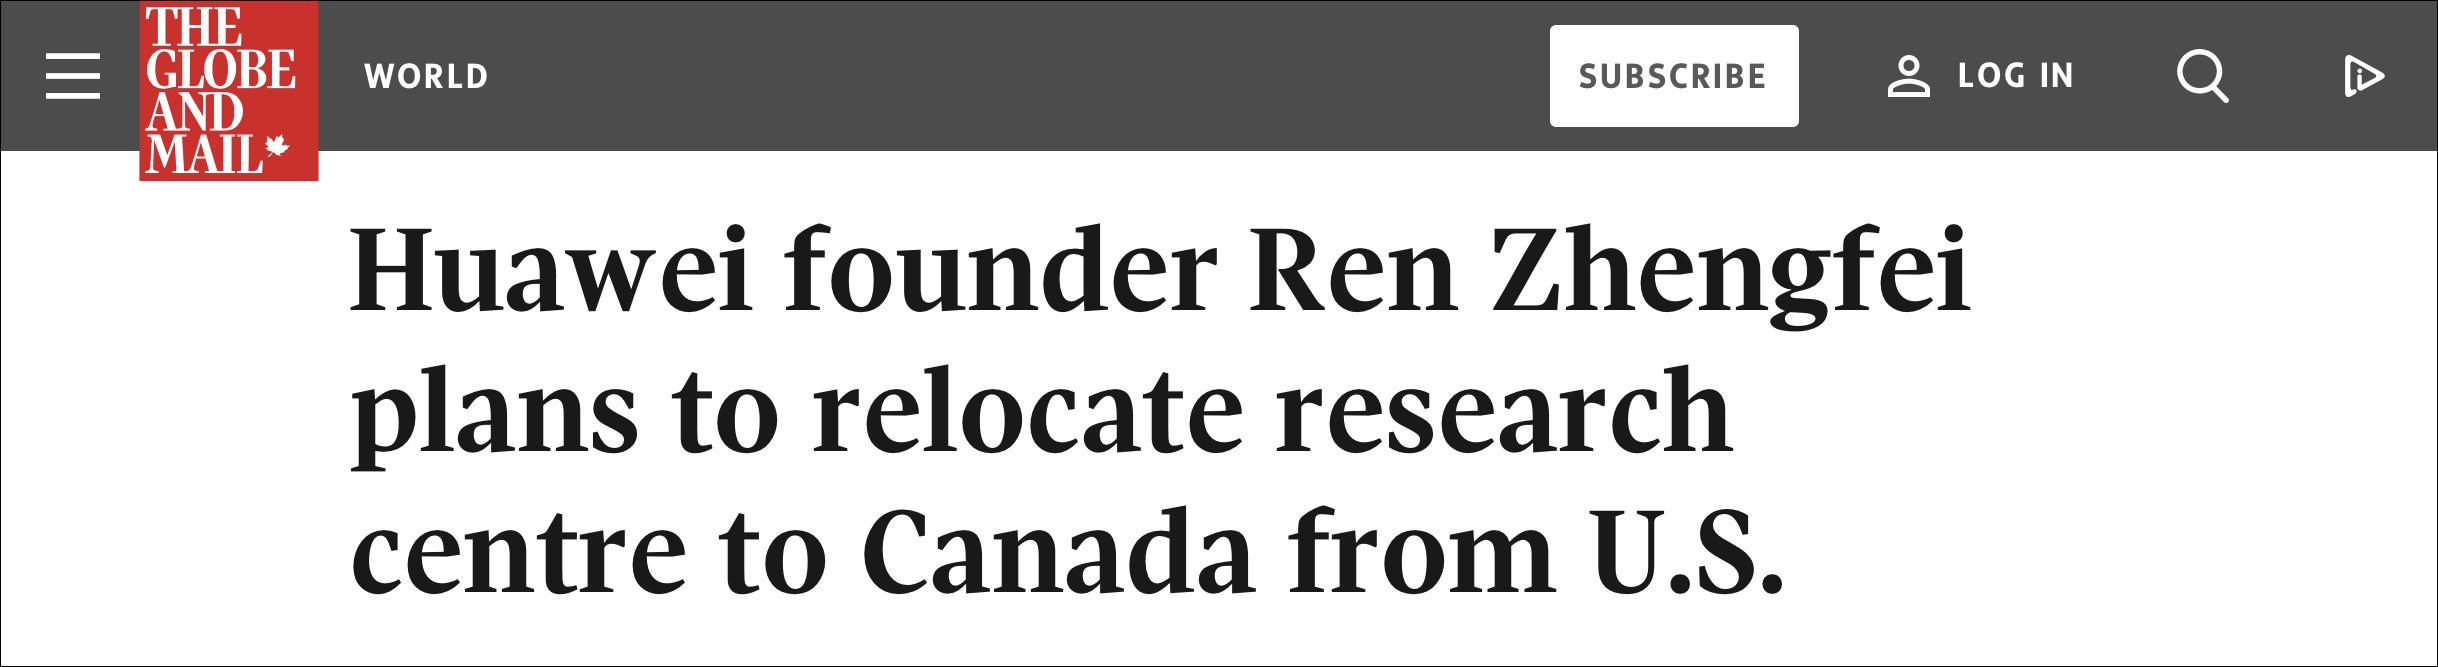 任正非: 将把美国研发中心迁往加拿大